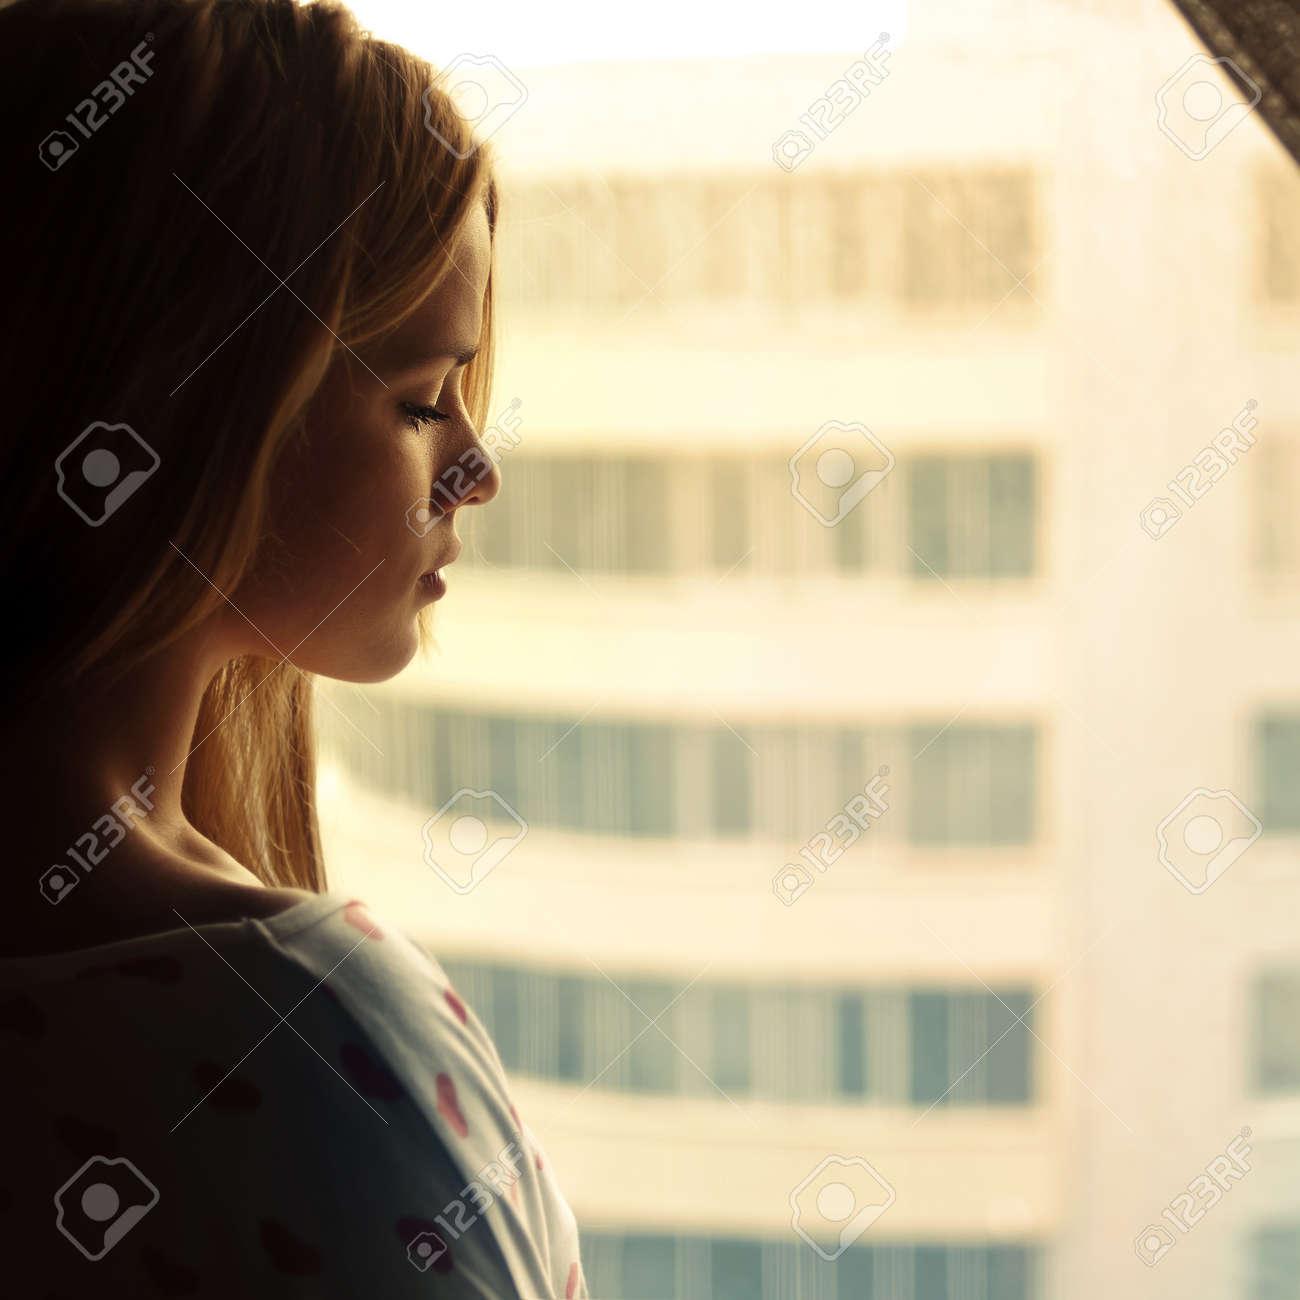 Картинки девушек блондинки смотрят в окно фото 280-0